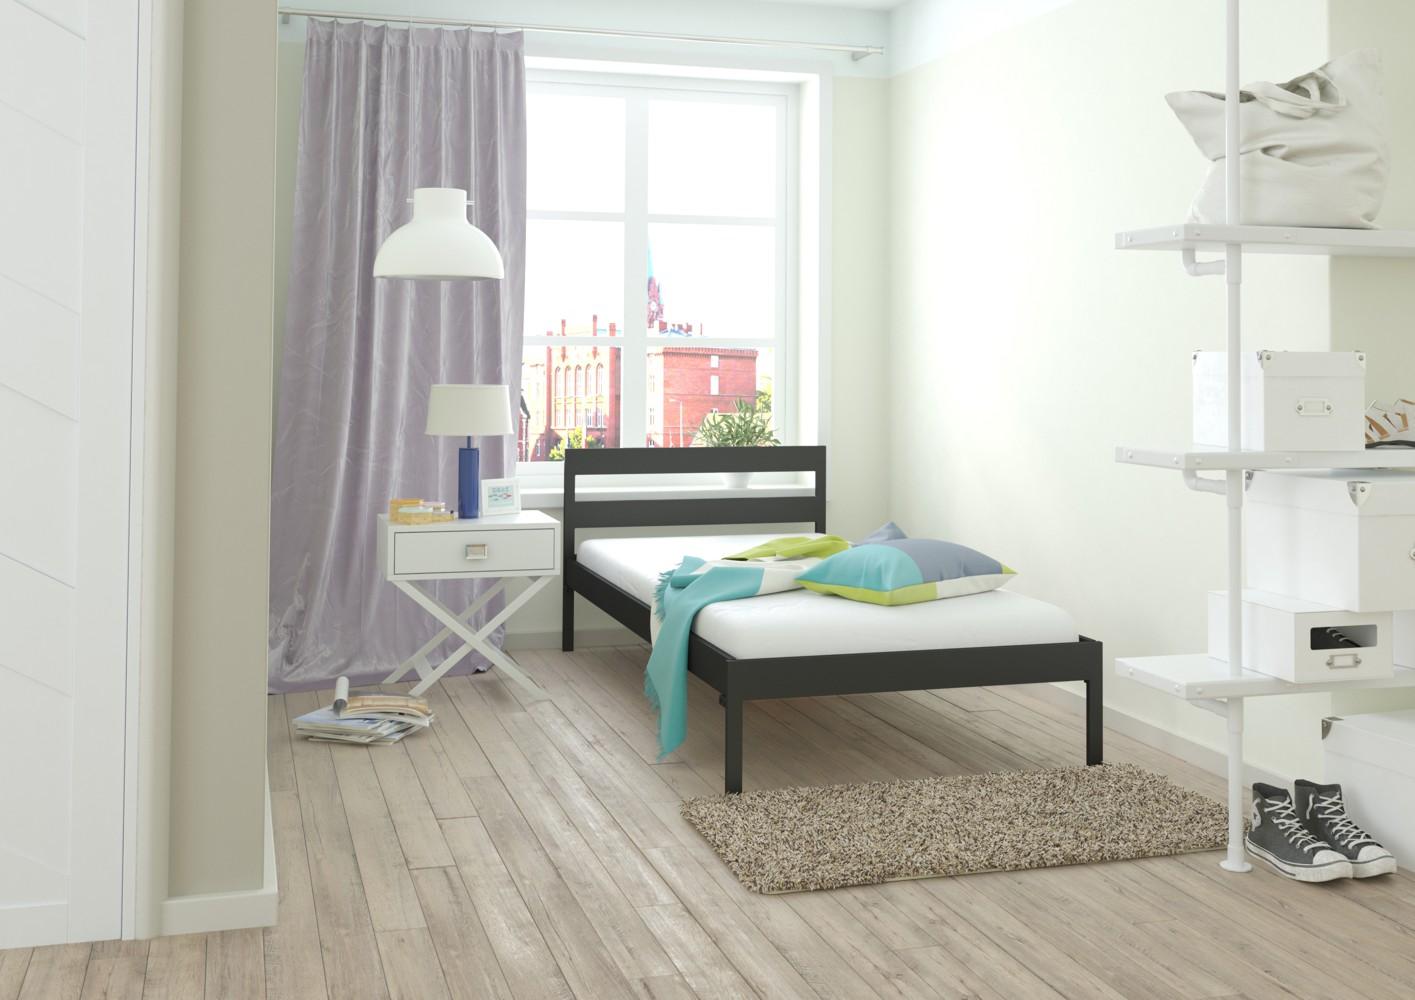 łóżko metalowe Lak System wzór 44 (80-120 cm)